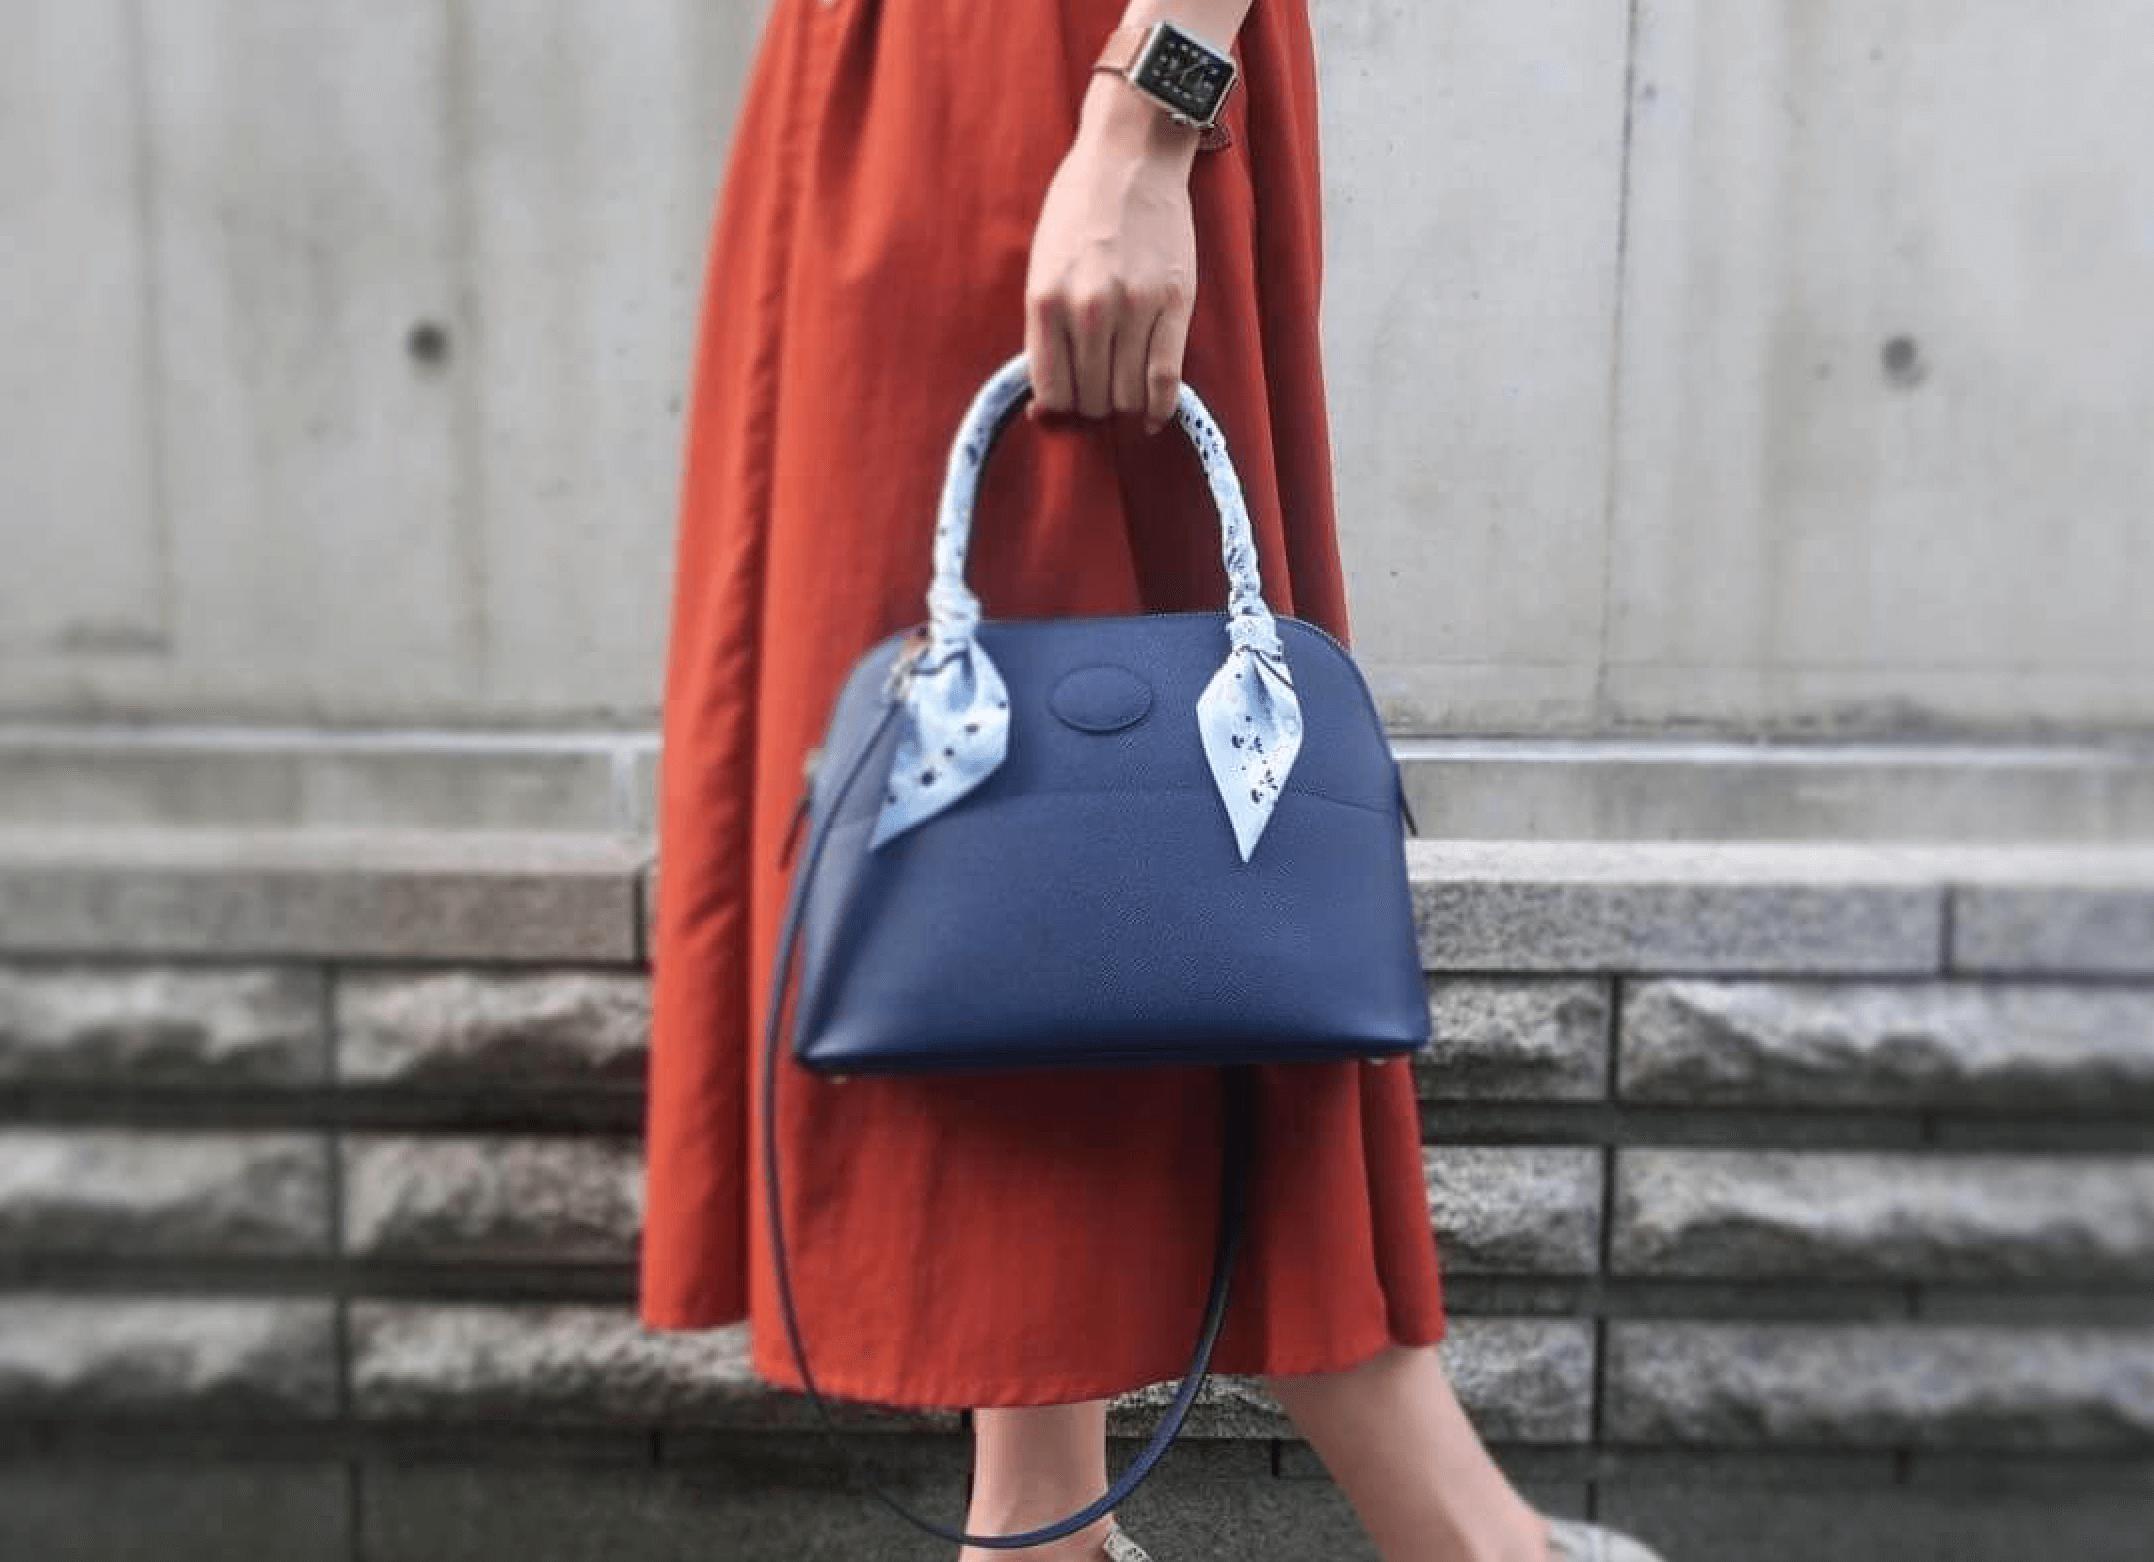 ハンドバッグを持って歩く女性